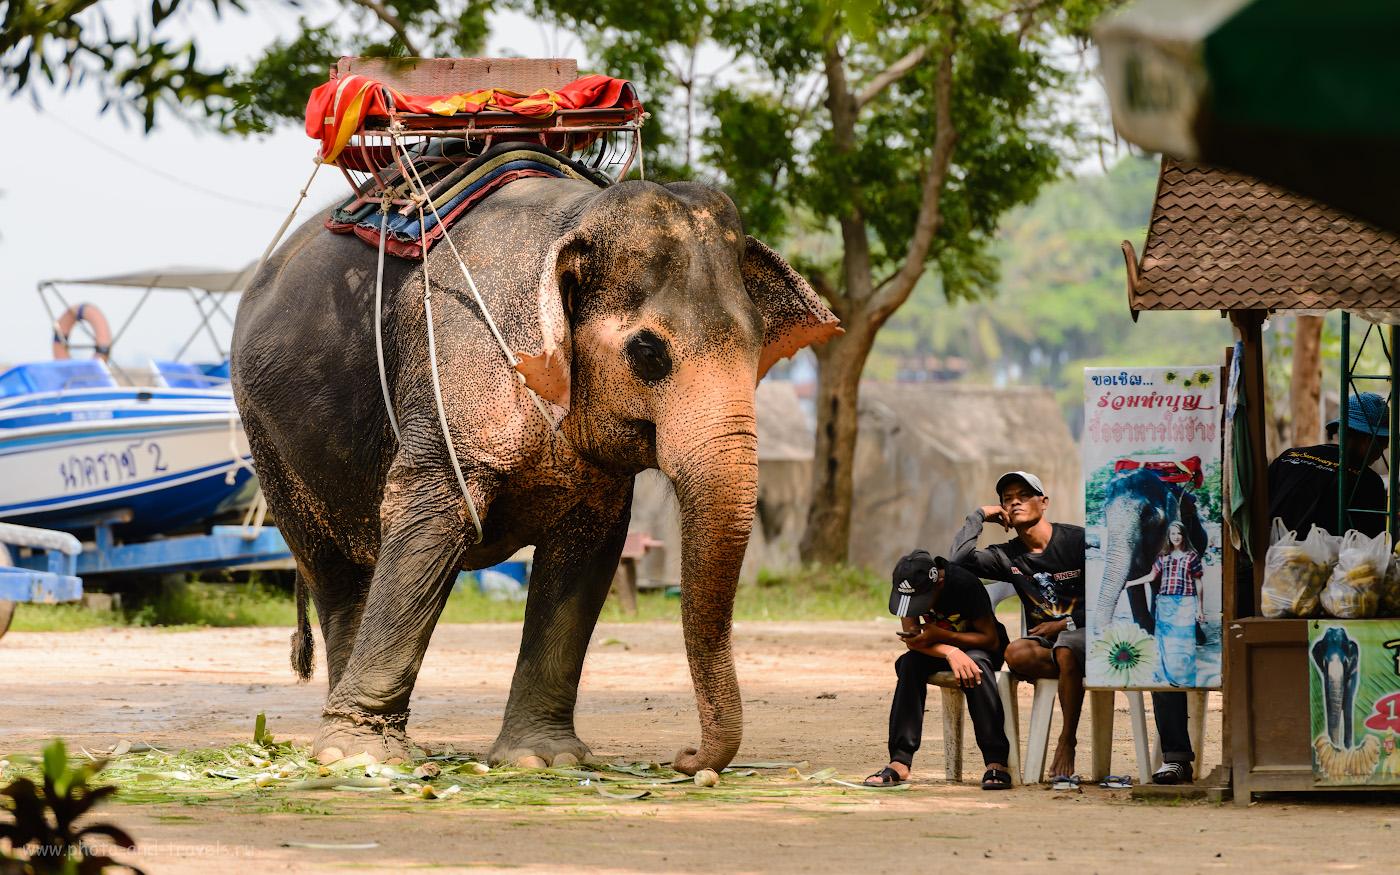 Фото 22. Около Храма Истины (Sanctuaryof Truth), как и во многих местах в Паттайе, можно прокатиться верхом на слоне. Советы туристам, собирающимся на отдых в Таиланд. 1/400, 4.0, 125, 200.